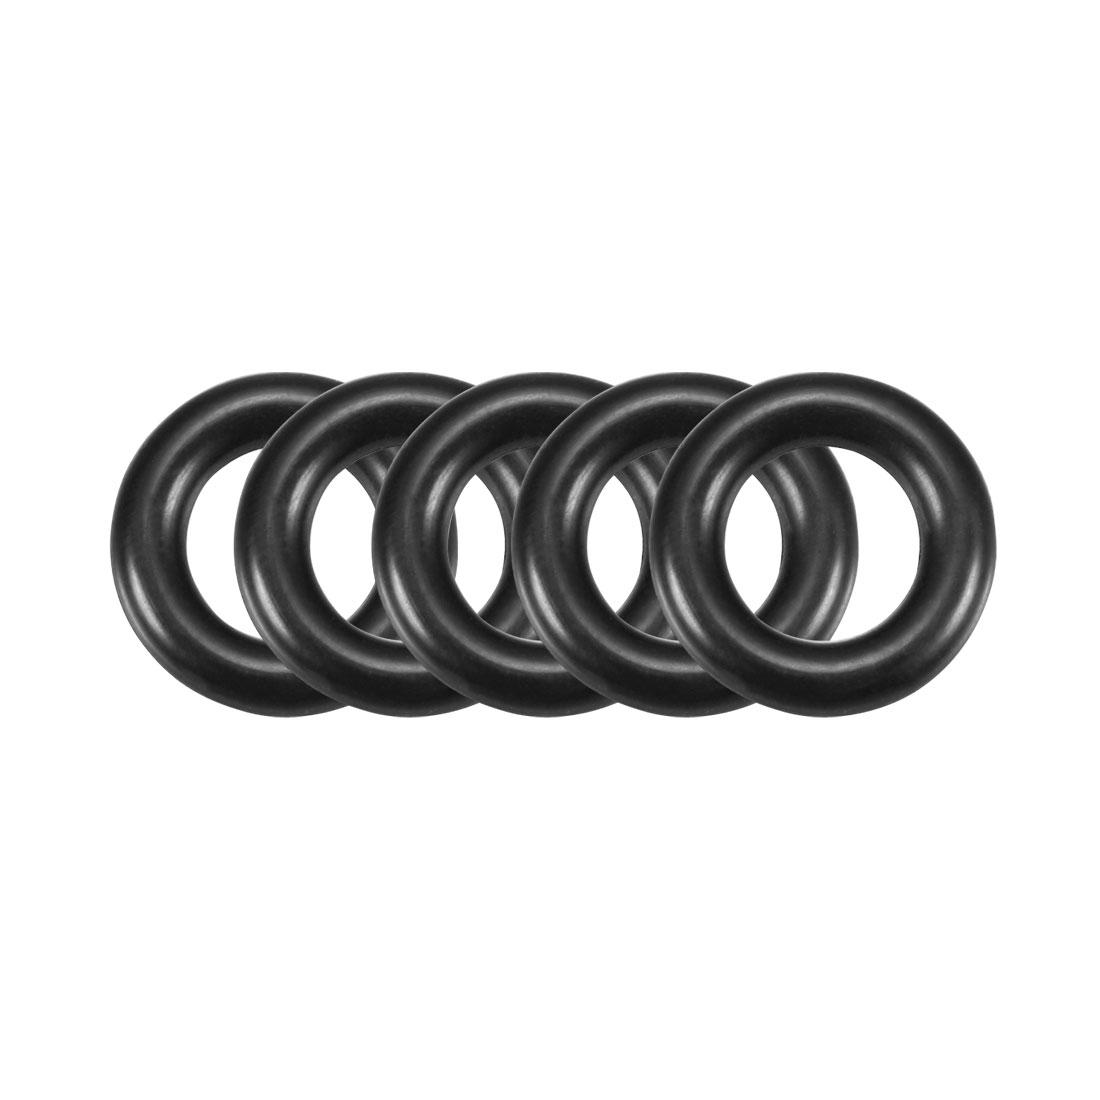 Rubber O-Ring O Ring Washer Plumbing Air Gas Seal Sealing Gasket Black 50 Pcs